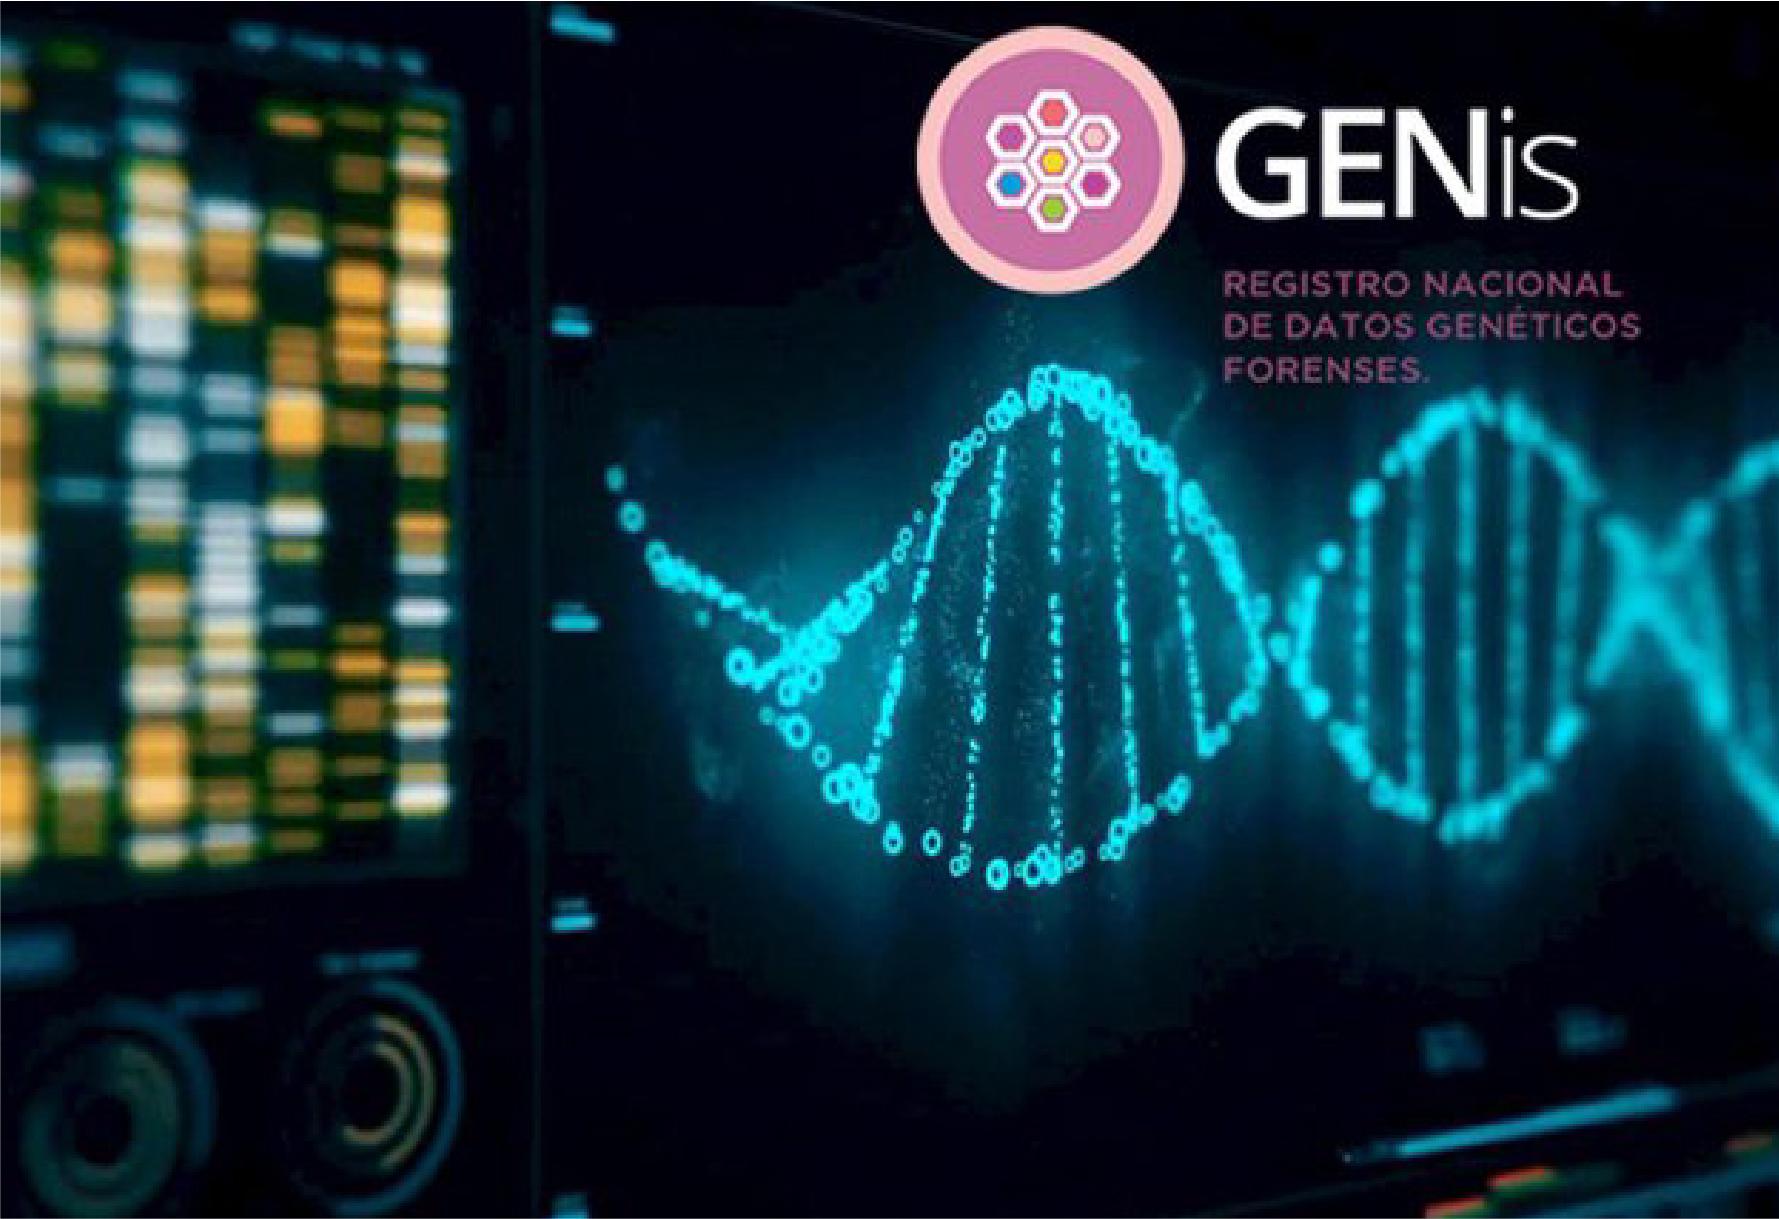 GENis, el software para registro y análisis de perfiles genéticos con fines forenses fue desarrollado íntegramente en Argentina.